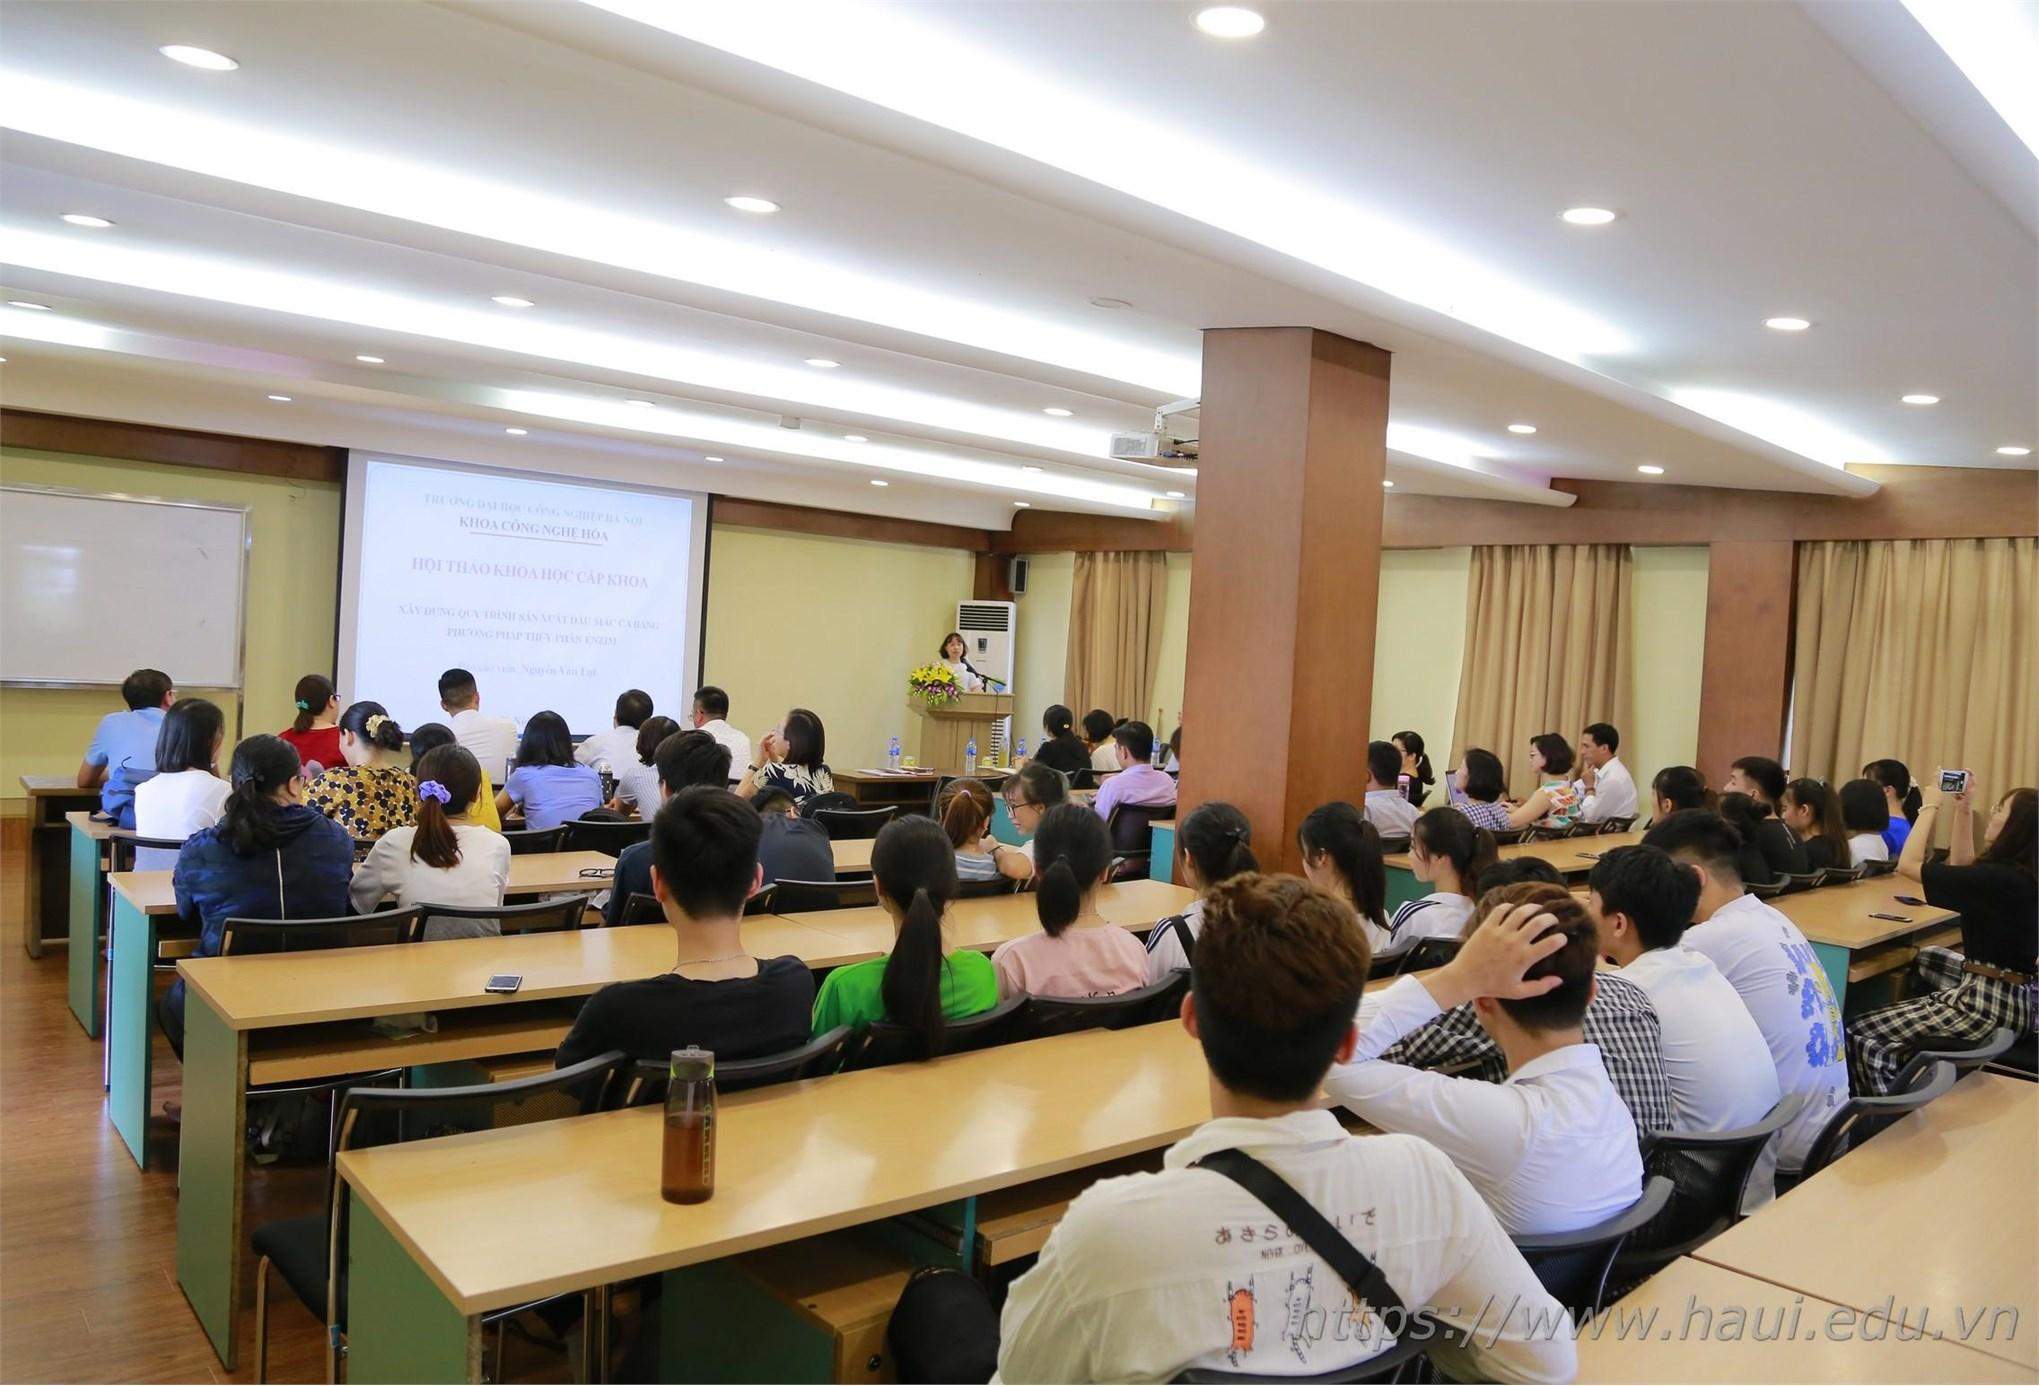 Khai mạc Hội nghị khoa học Khoa Công nghệ Hóa